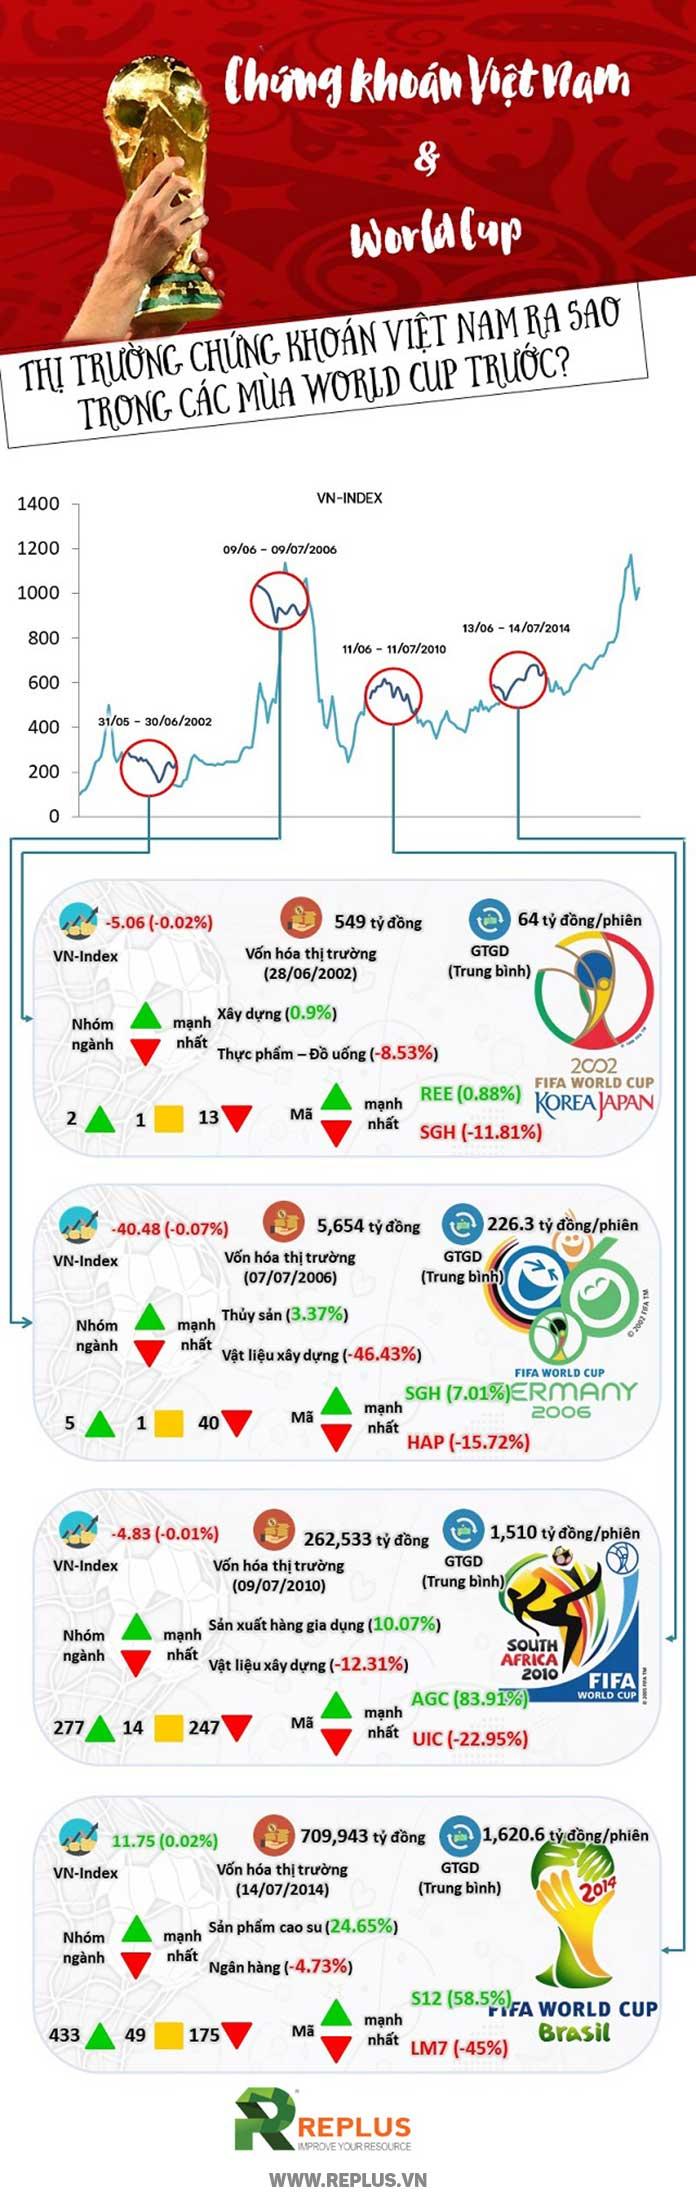 infographic-chung-khoan-viet-nam-va-worldcup-2018